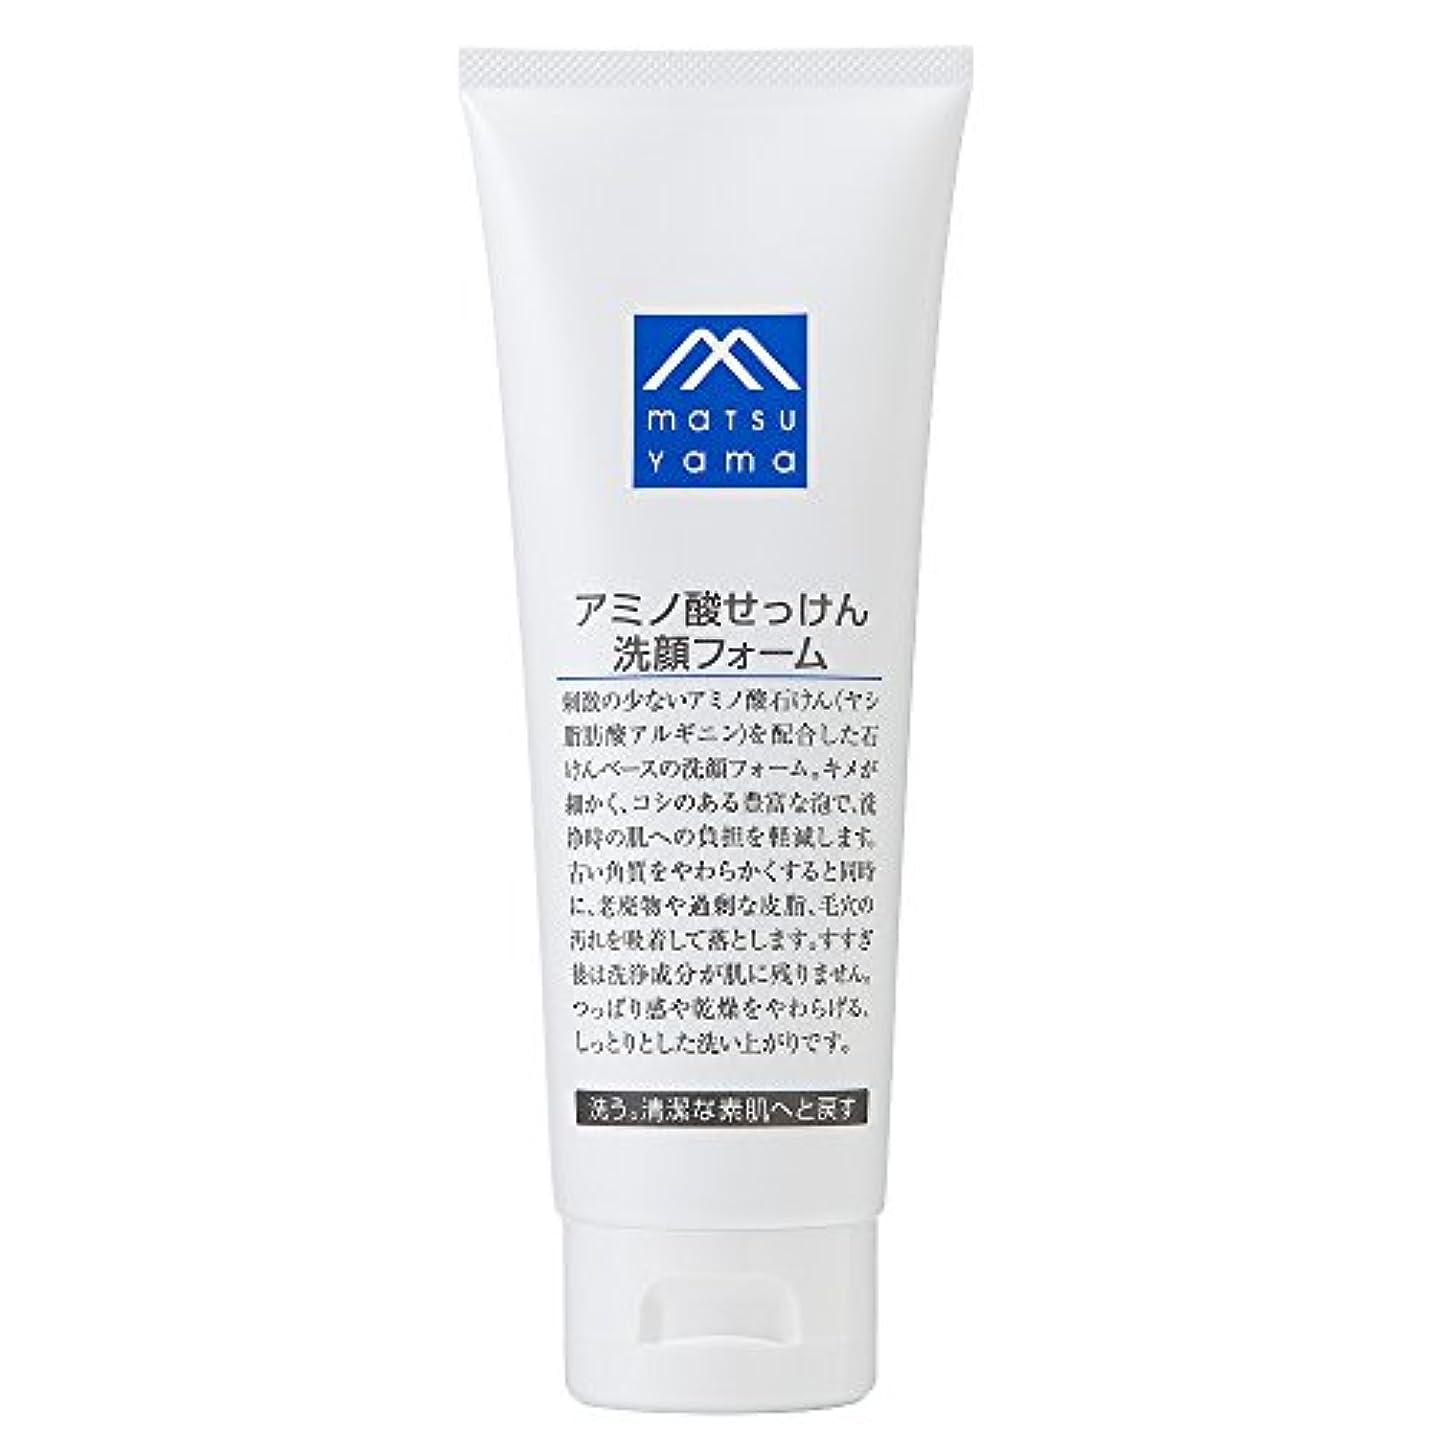 ビクター活性化する順応性M-mark アミノ酸せっけん洗顔フォーム